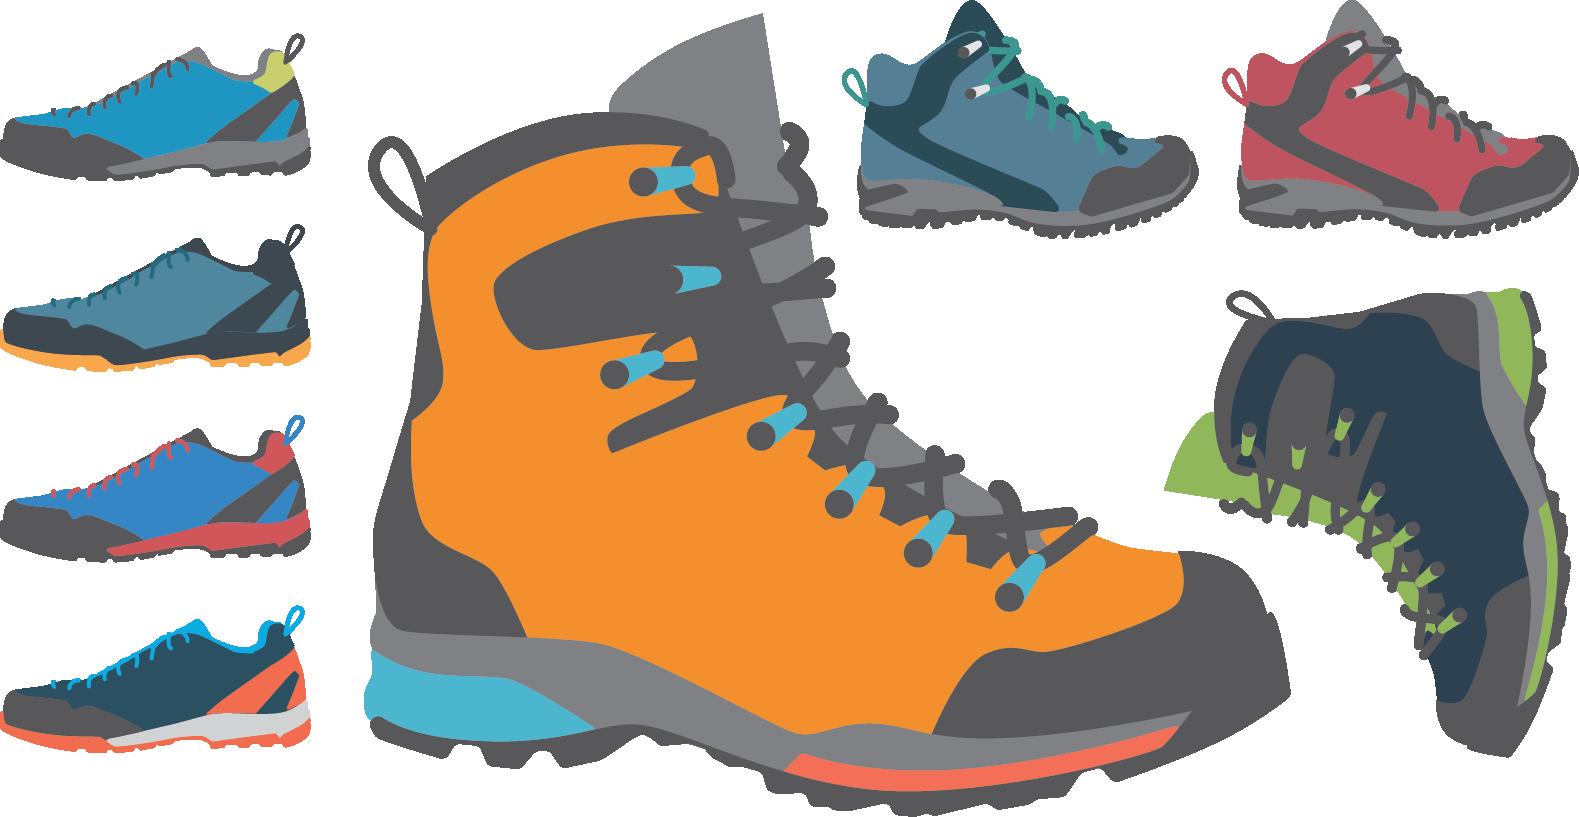 Pour Bien Choisir Ses Chaussures De Randonnée Selon Sa Pratique